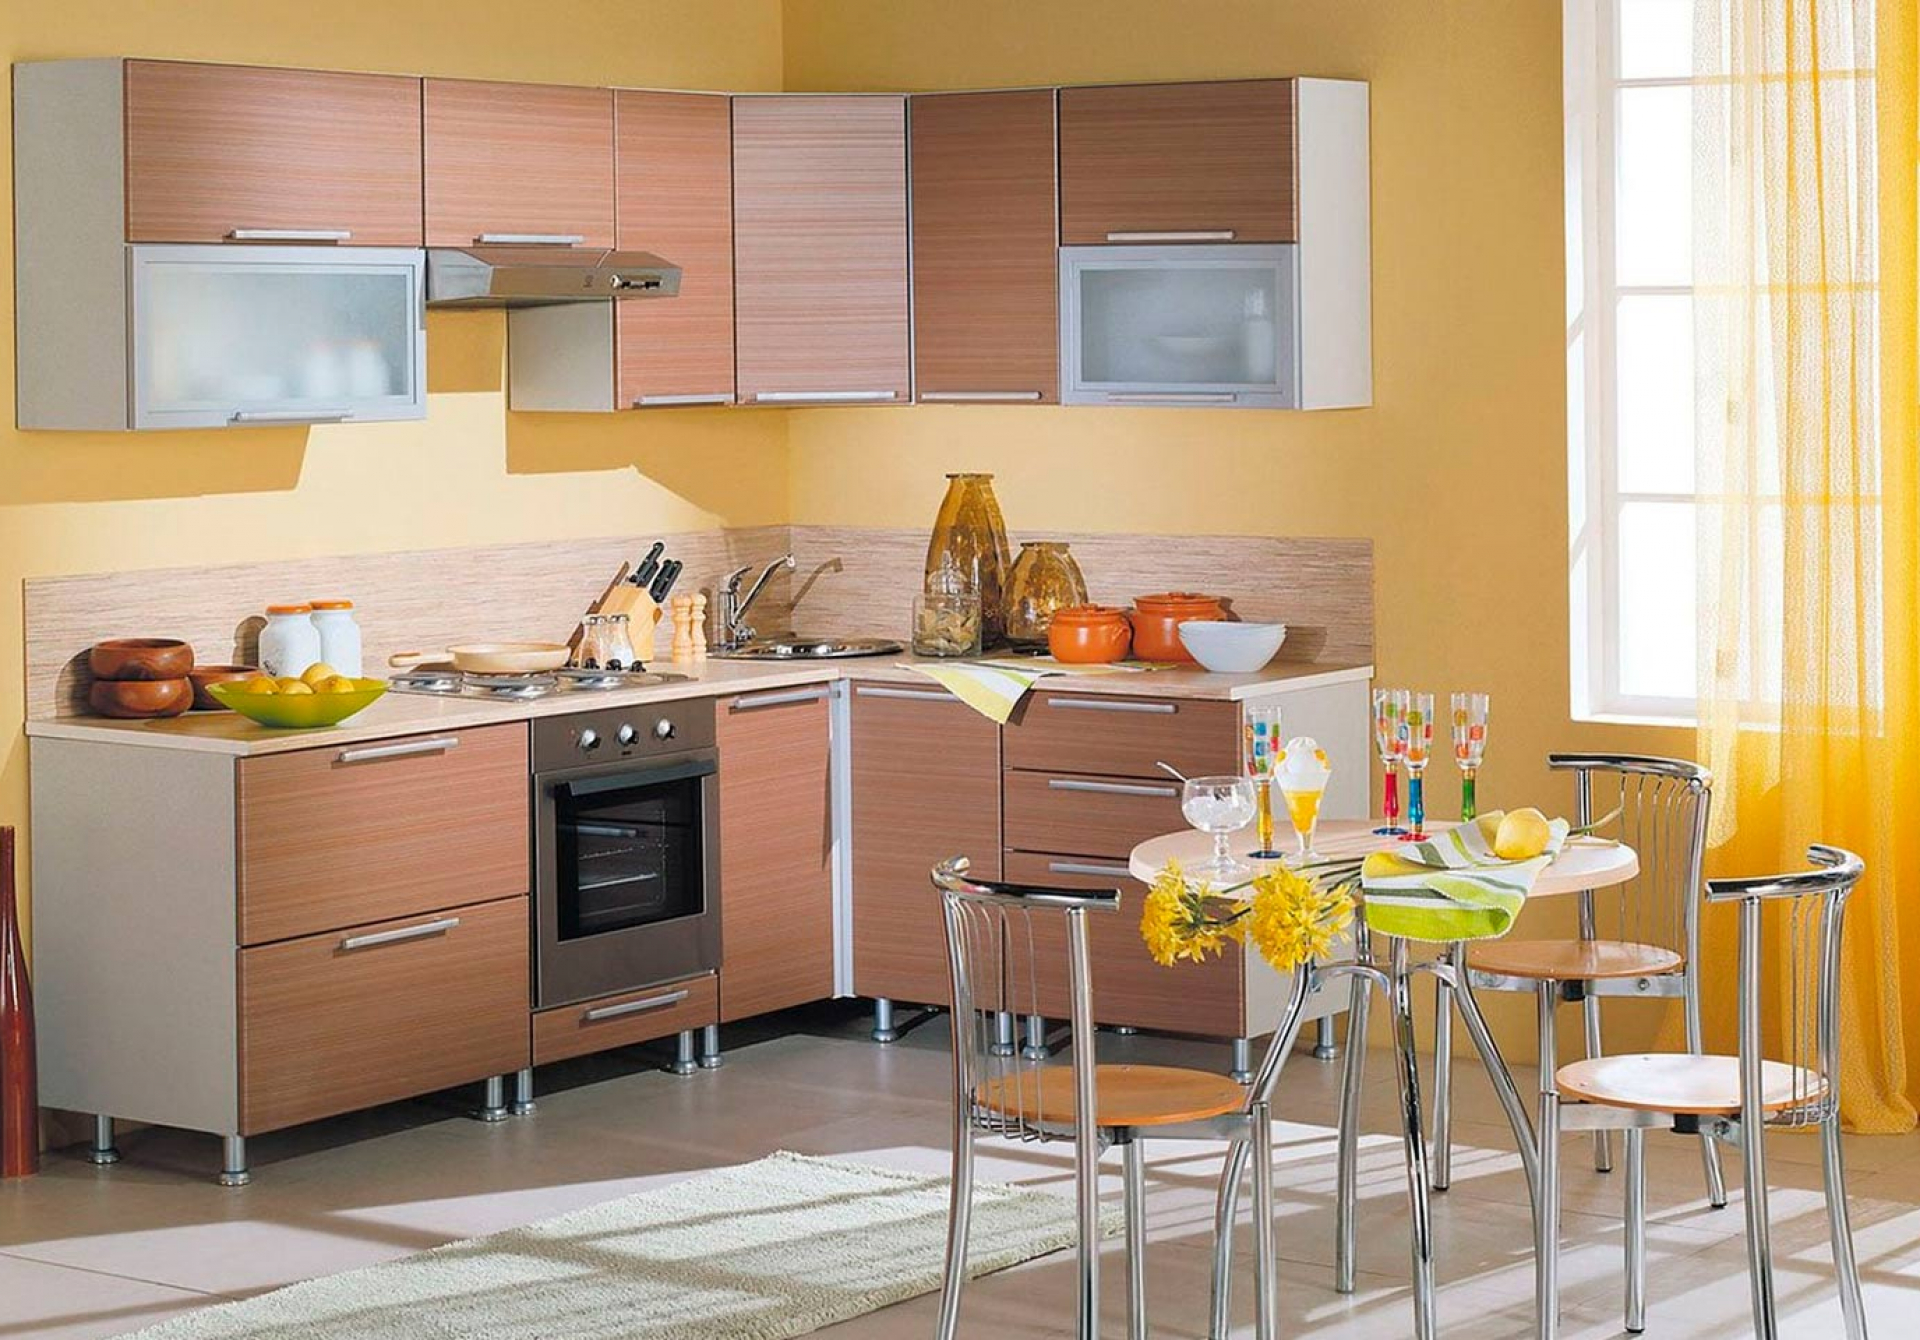 необходимые примеры кухонь фото изображенный